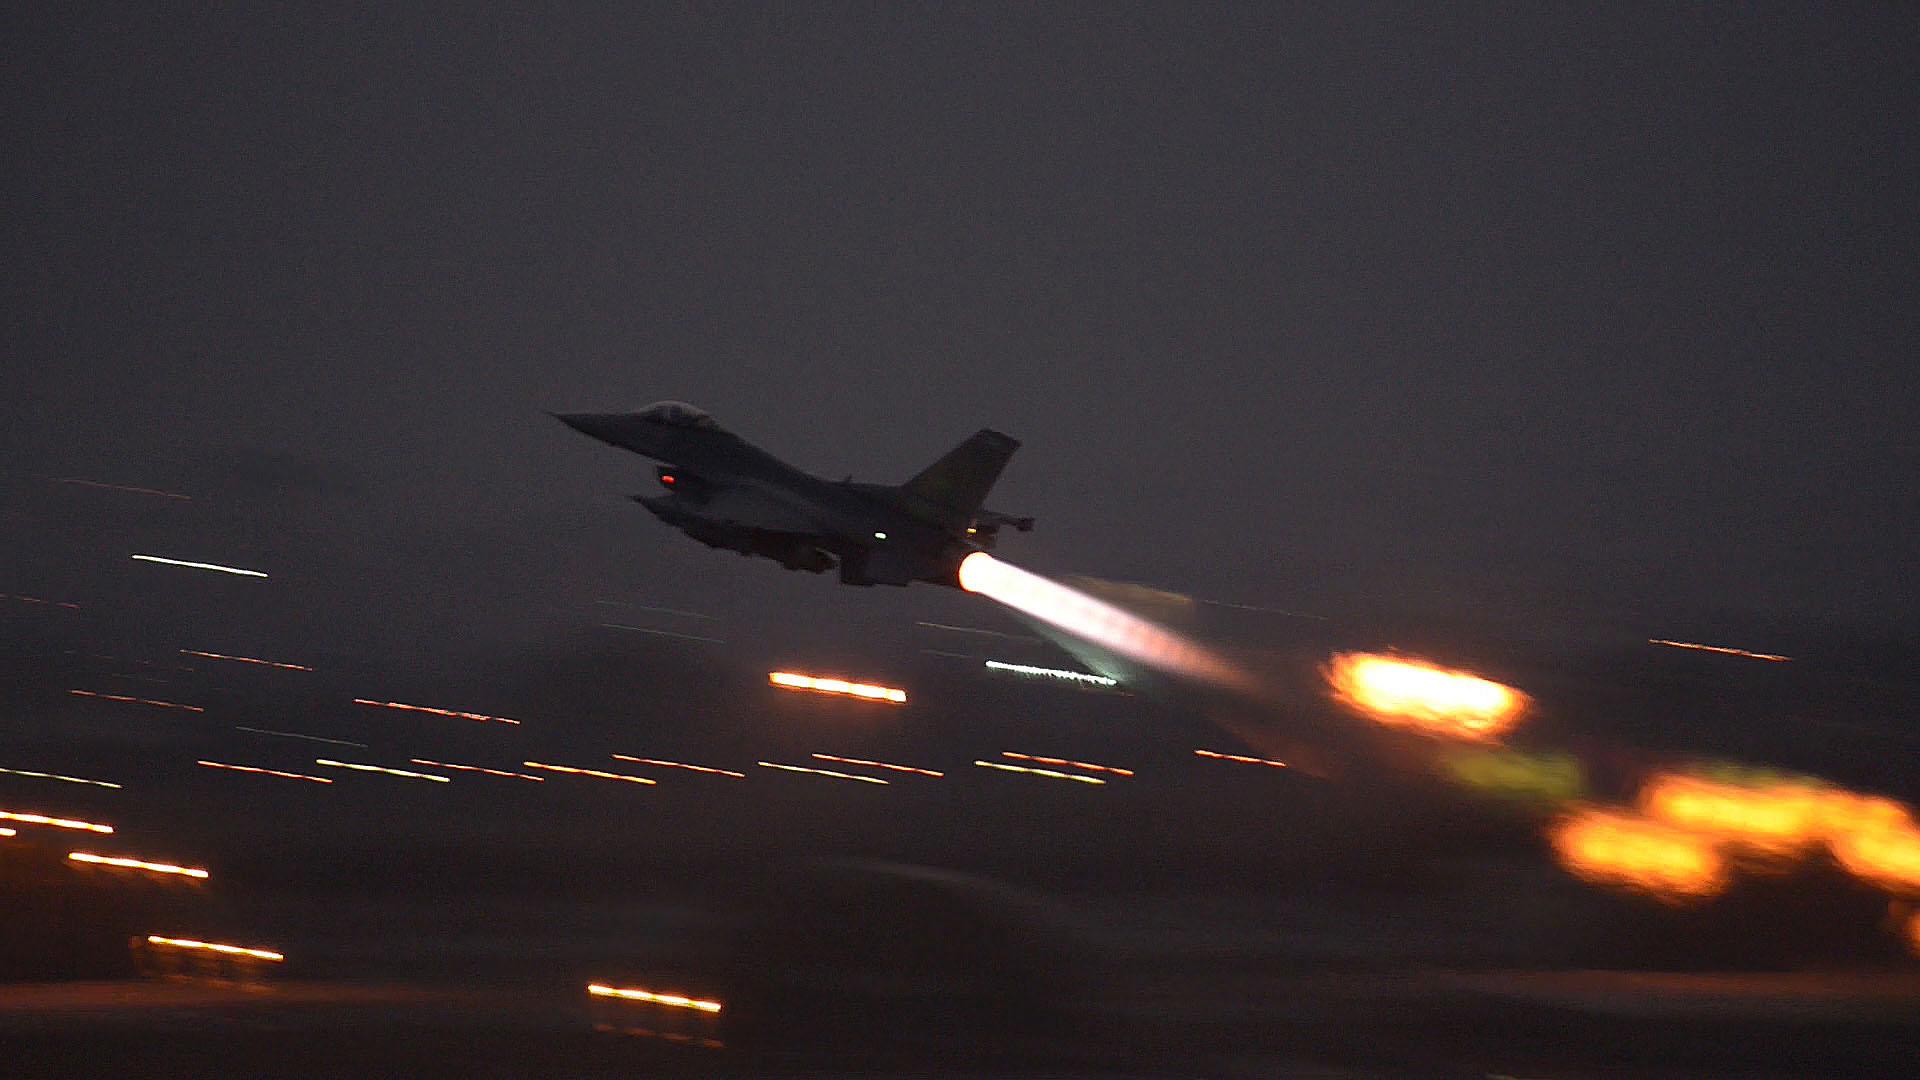 An F-16 Fighting Falcon takes off from Incirlik Air Base, Turkey August 12 2015 (USAF/ Snr Airman Krystal Ardrey)